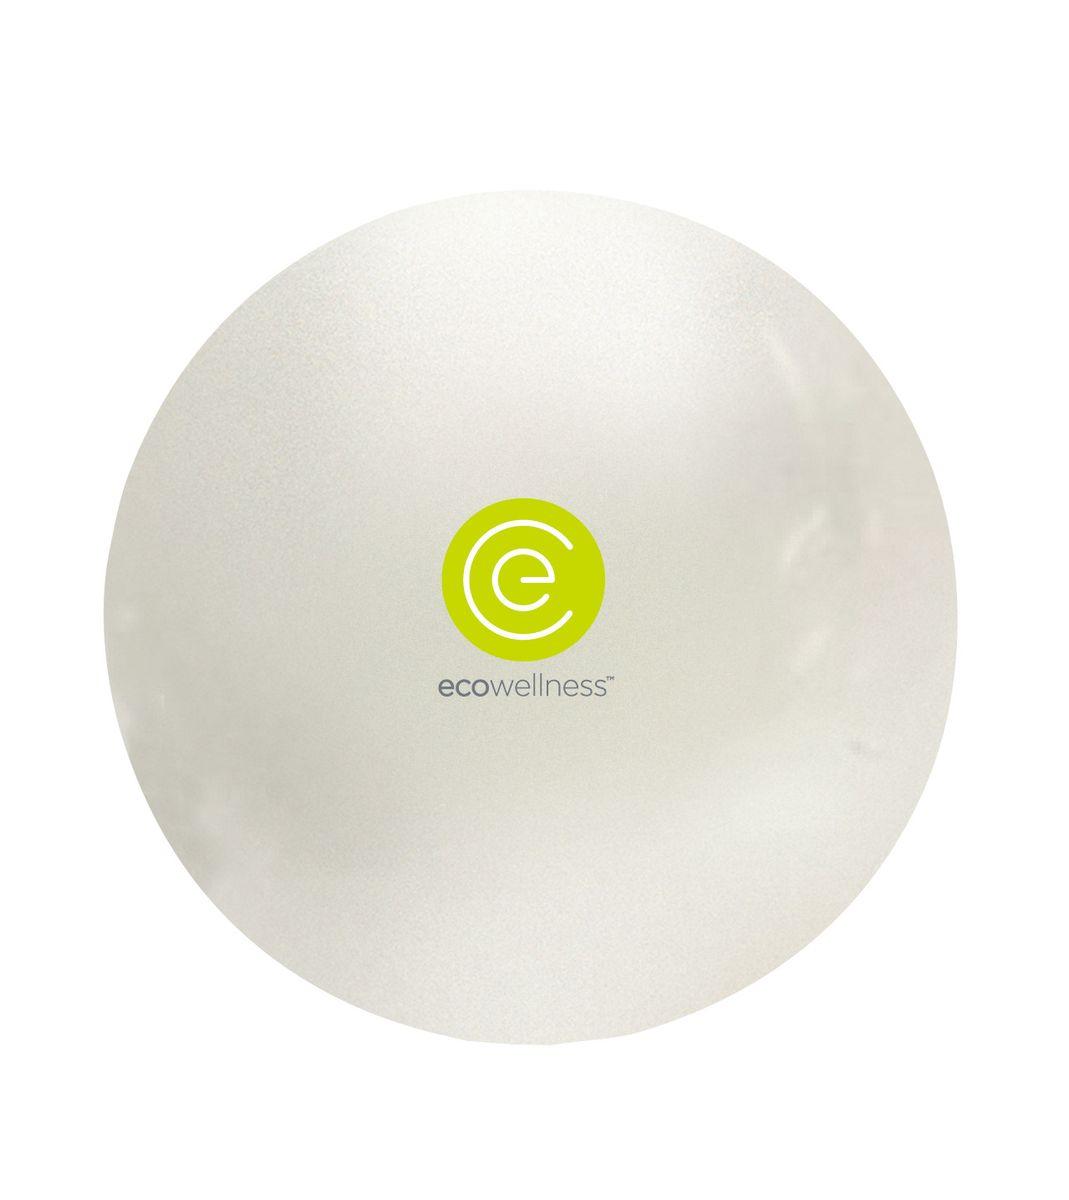 Мяч гимнастический Ecowellness, c ручным насосом, цвет: белый, диаметр 75 смQB-001TAG3-30DМяч Ecowellness предназначен для гимнастических и медицинских целей в лечебных упражнениях. Он выполнен из прочного гипоаллергенного ПВХ. Прекрасно подходит для использования в домашних условиях. Данный мяч можно использовать для: реабилитации после травм и операций, восстановления после перенесенного инсульта, стимуляции и релаксации мышечных тканей, улучшения кровообращения, лечении и профилактики сколиоза, при заболеваниях или повреждениях опорно-двигательного аппарата. УВАЖЕМЫЕ КЛИЕНТЫ! Обращаем ваше внимание на тот факт, что мяч поставляется в сдутом виде. Насос входит в комплект.